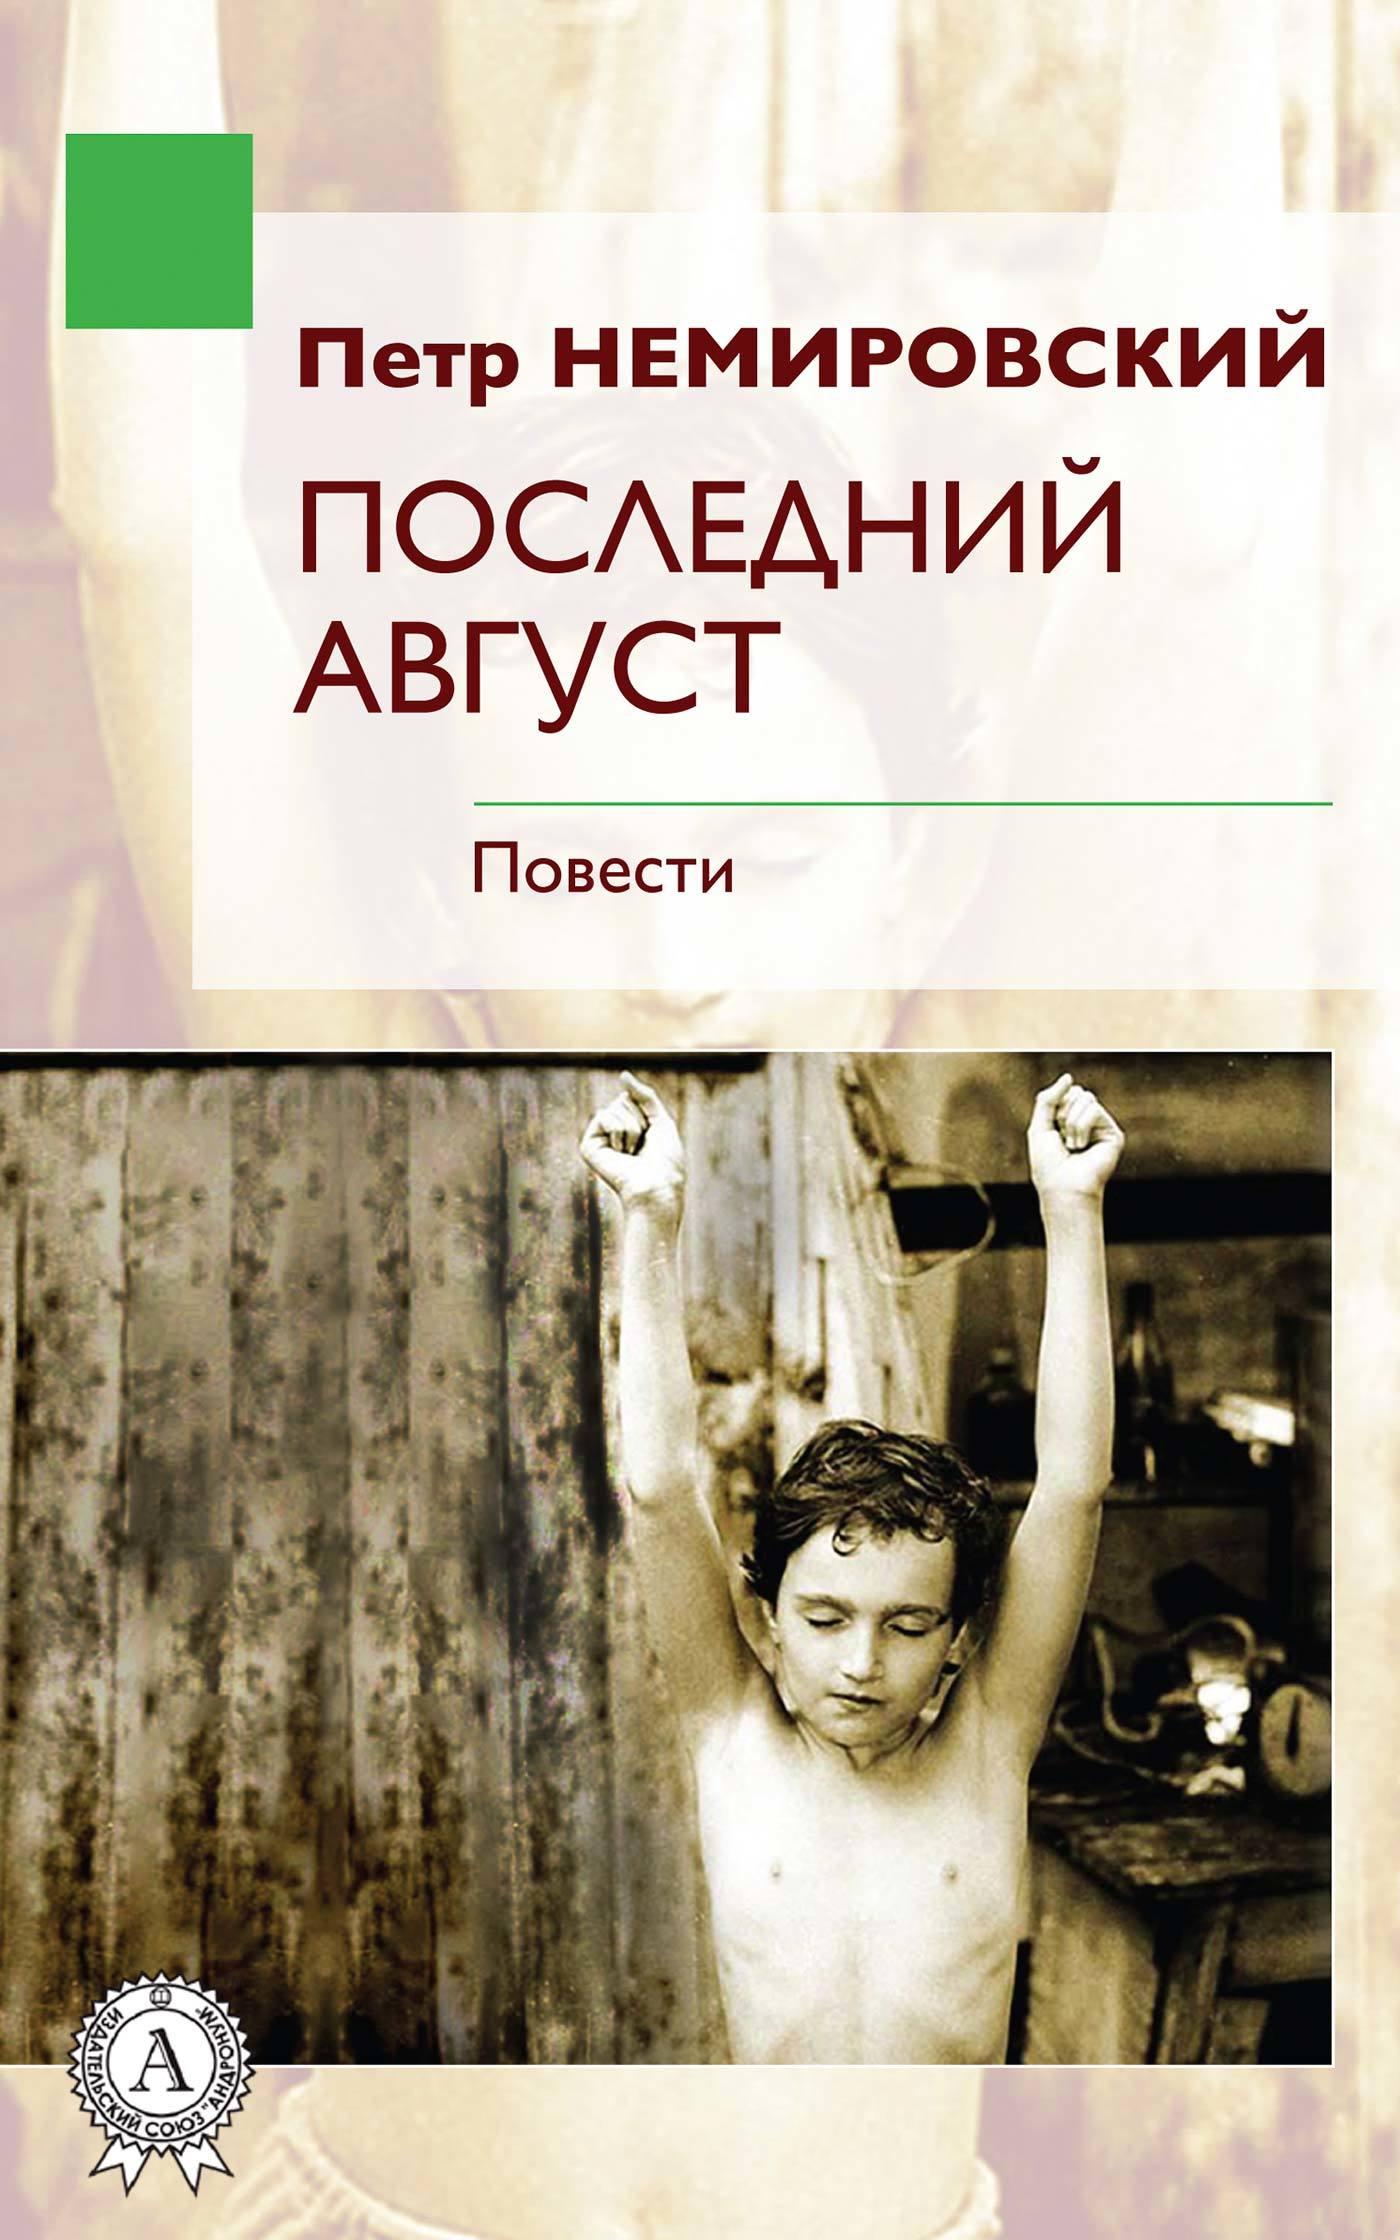 Петр Немировский Последний август недорого